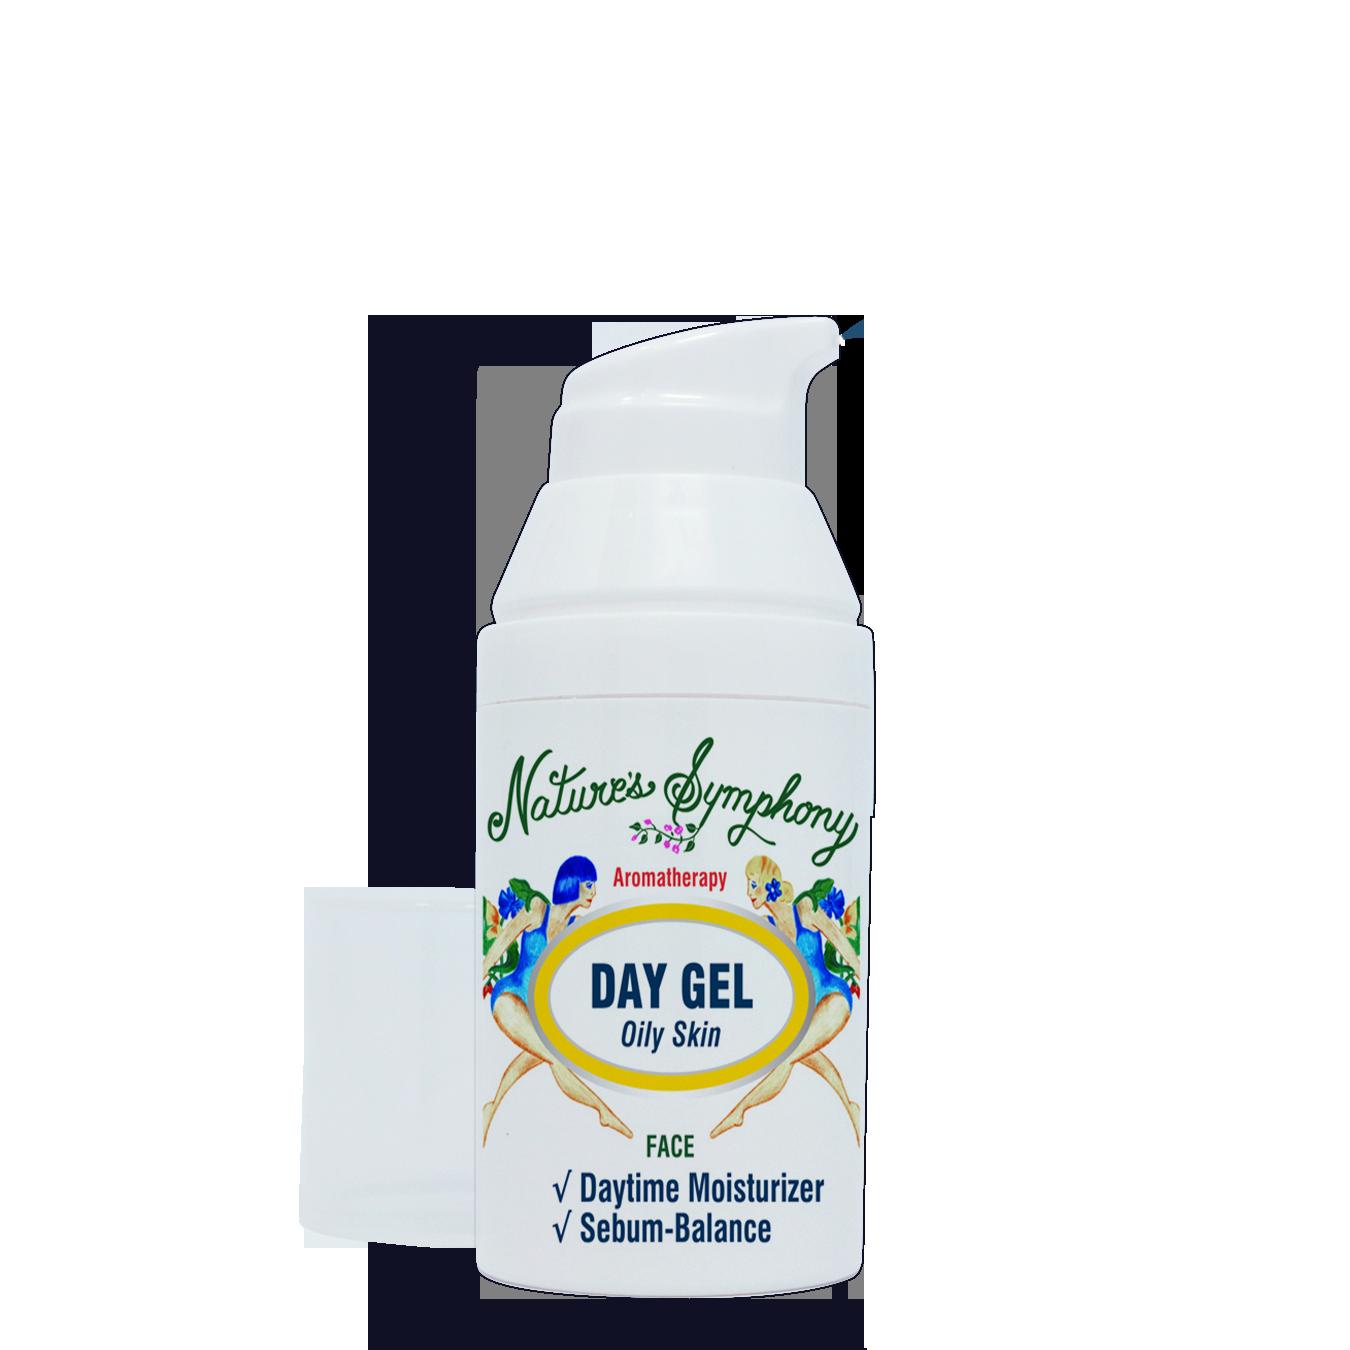 Organic - Day Gel, Oily Skin - 1 fl. oz. (30ml)